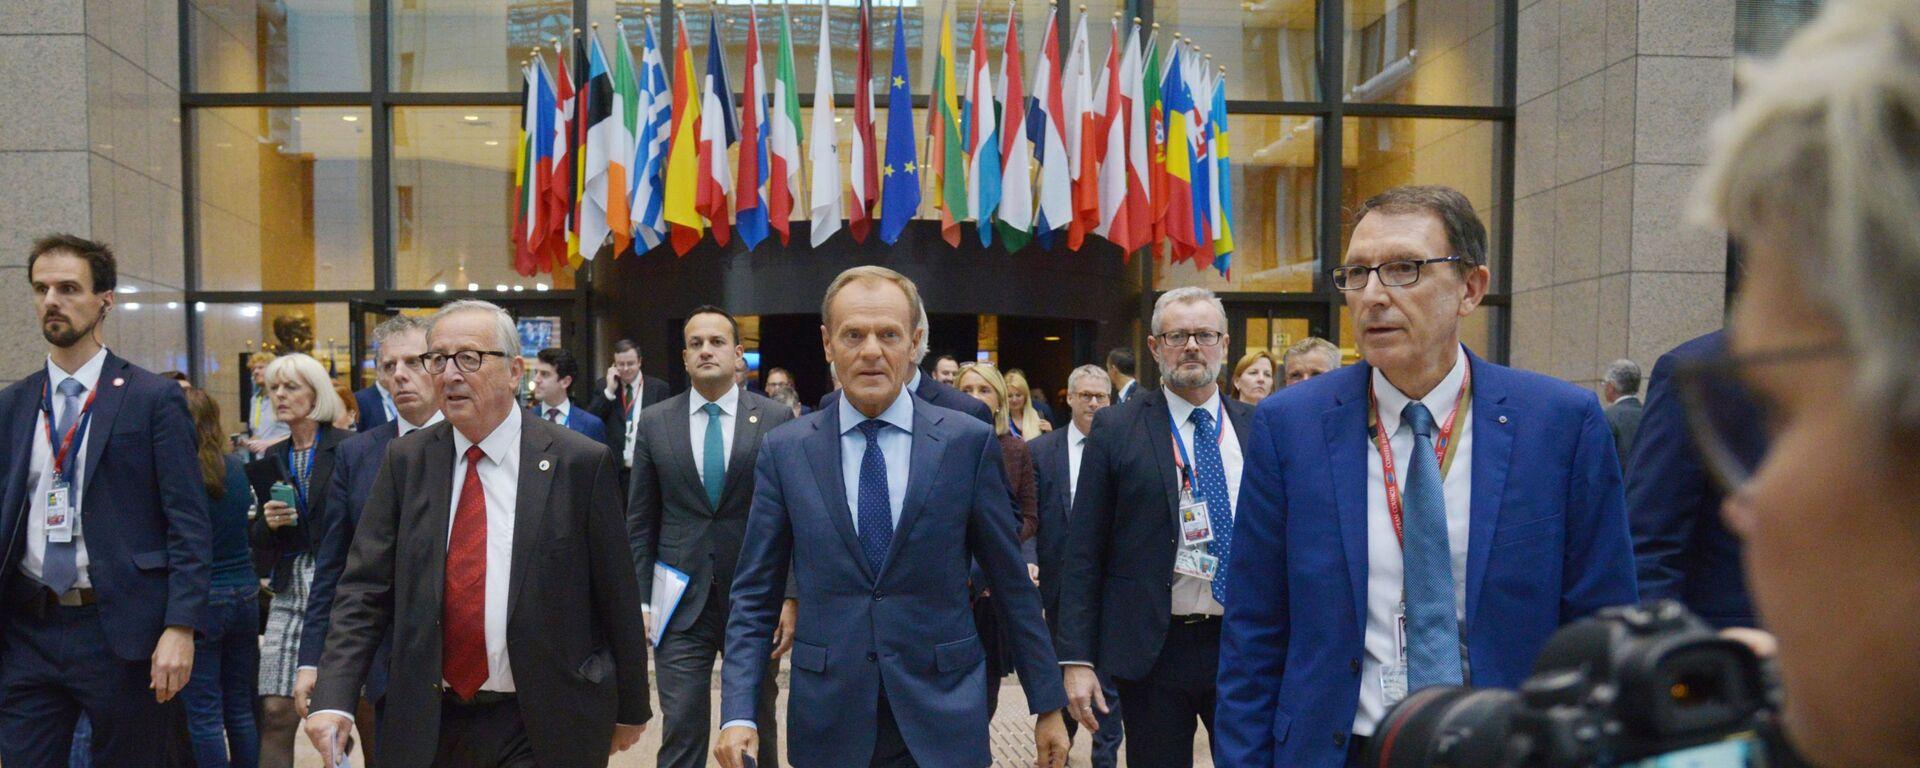 Donald Tusk na szczycie UE w Brukseli - Sputnik Polska, 1920, 04.07.2021